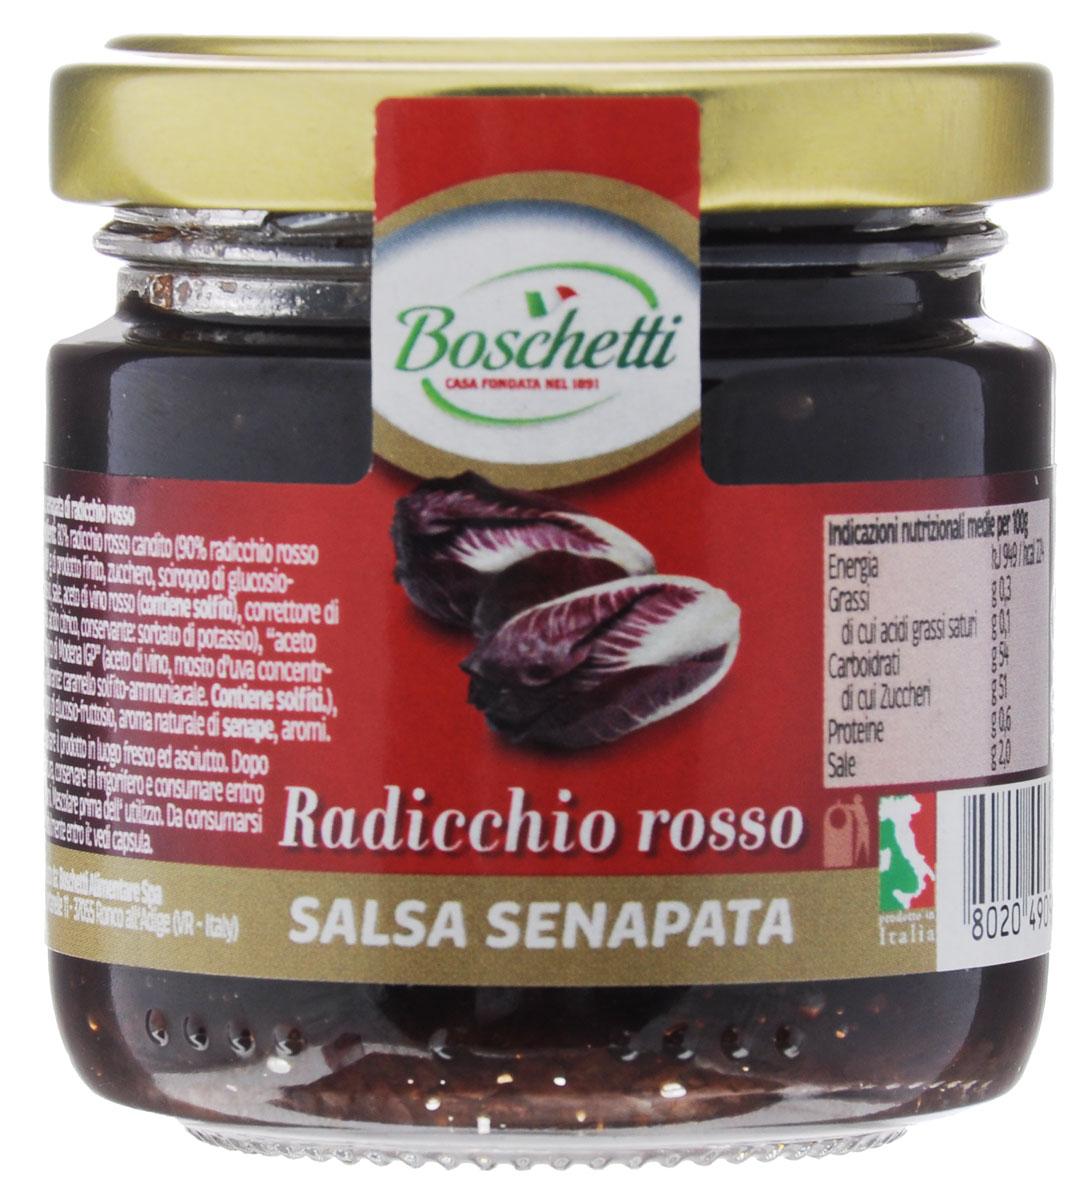 Boschetti Radicchio rosso соус сальса, 120 г0120710Соус сальса Boschetti Radicchio rosso из цикория с нежной желеобразной текстурой и обладает мягким вкусом с легкой горчинкой и сладким послевкусием. Идеально подходит для блюд из мяса и птицы. Некоторые любят в сочетании с фуа-гра.Состав: паста красного цикория с сахаром 80% (90% красного цикория на 100 г готового продукта: сахар, сироп глюкозы-фруктозы, соль, уксус из красного вина (содержит сульфиты), регулятор кислотности (лимонная кислота), консервант (сорбит натрия), бальзамический уксус ди Модена (винный уксус, сусло виноградное концентрированное, колорант (карамель), аммиачный сульфит), сироп глюкозы-фруктозы, натуральный ароматизатор горчица, ароматизаторы.